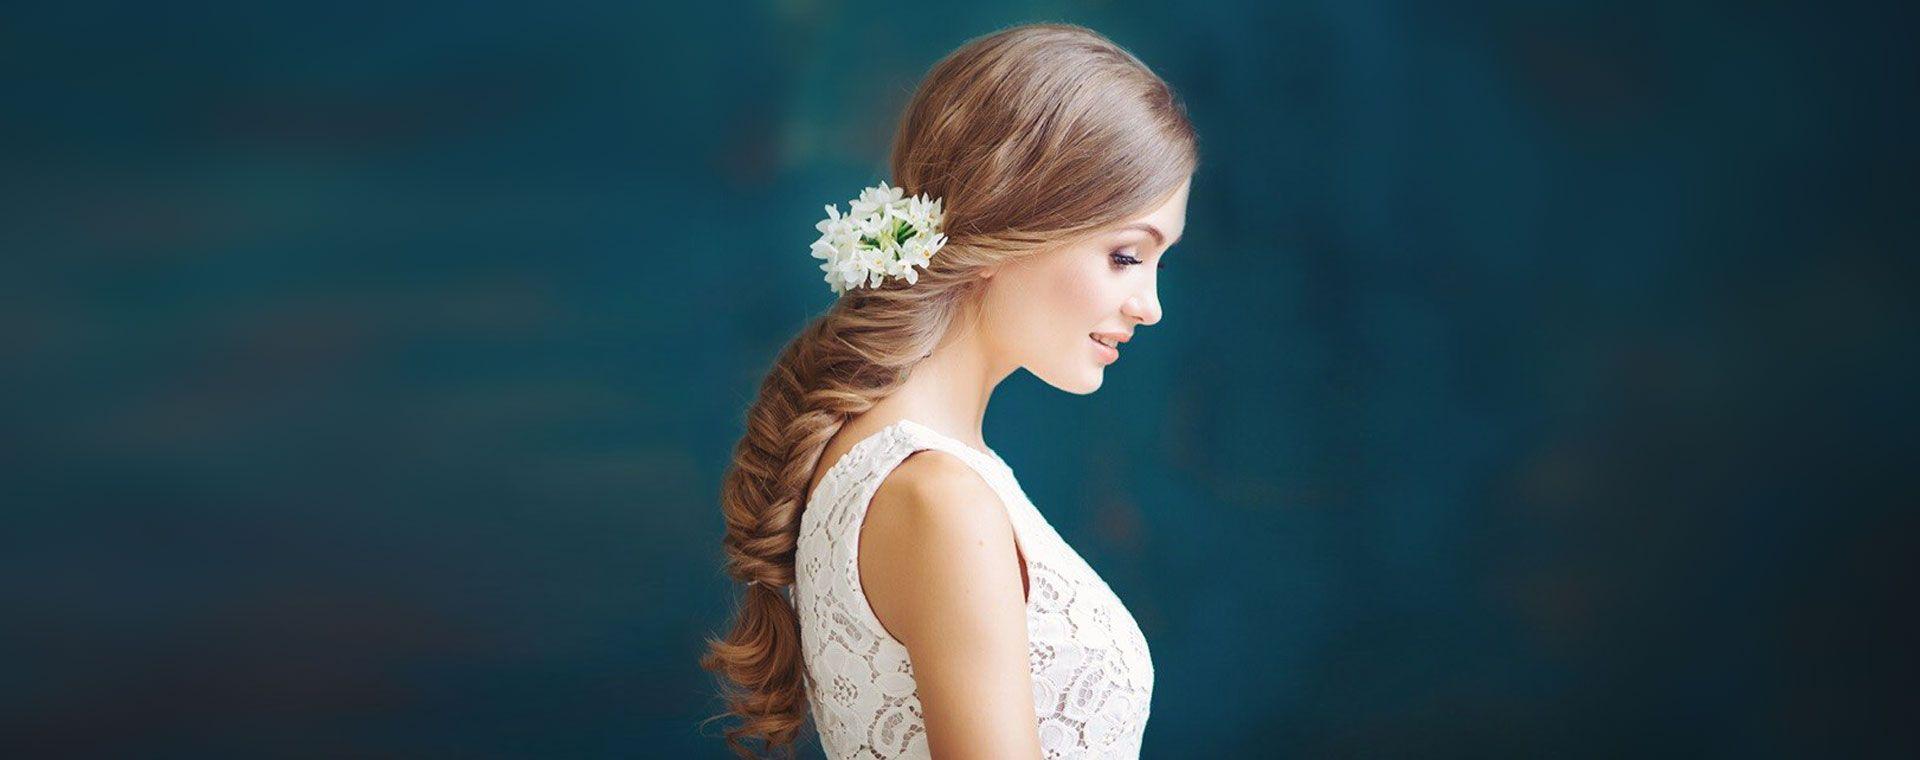 Свадебная прическа собранные волосы с челкой картинки - c857a